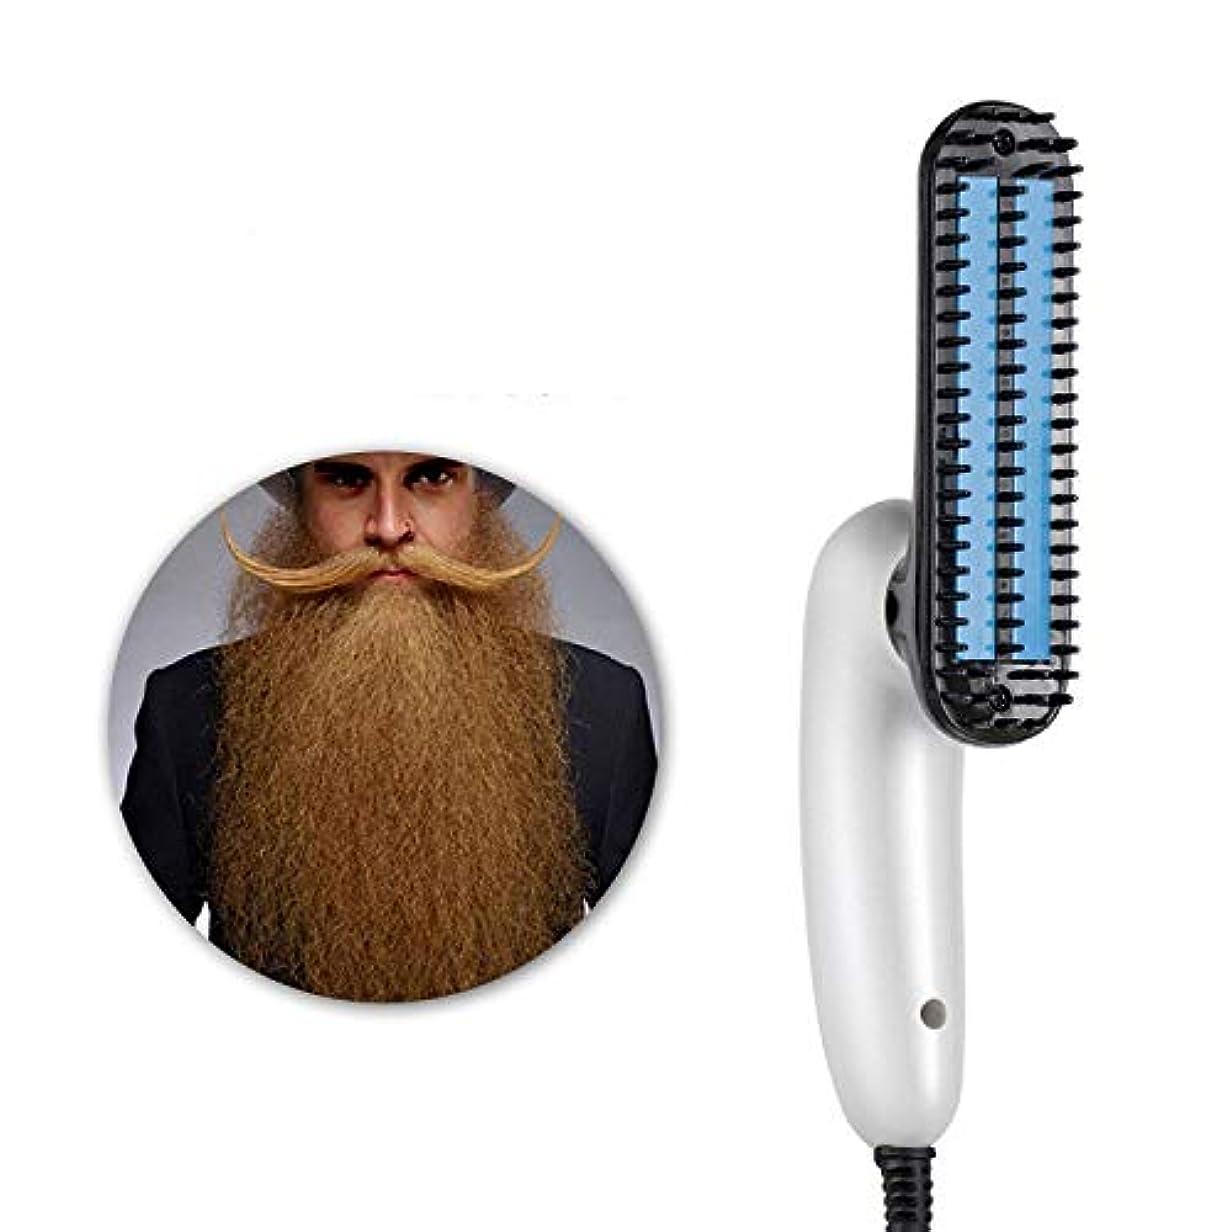 請願者エコートランスミッションビアードストレイテナーくしストレートヘアブラシくし、男性クイック上品なスタイリングツール自動温度ロックのためのカーリーヘアストレートサイド髪のもつれ解除アンチやけ